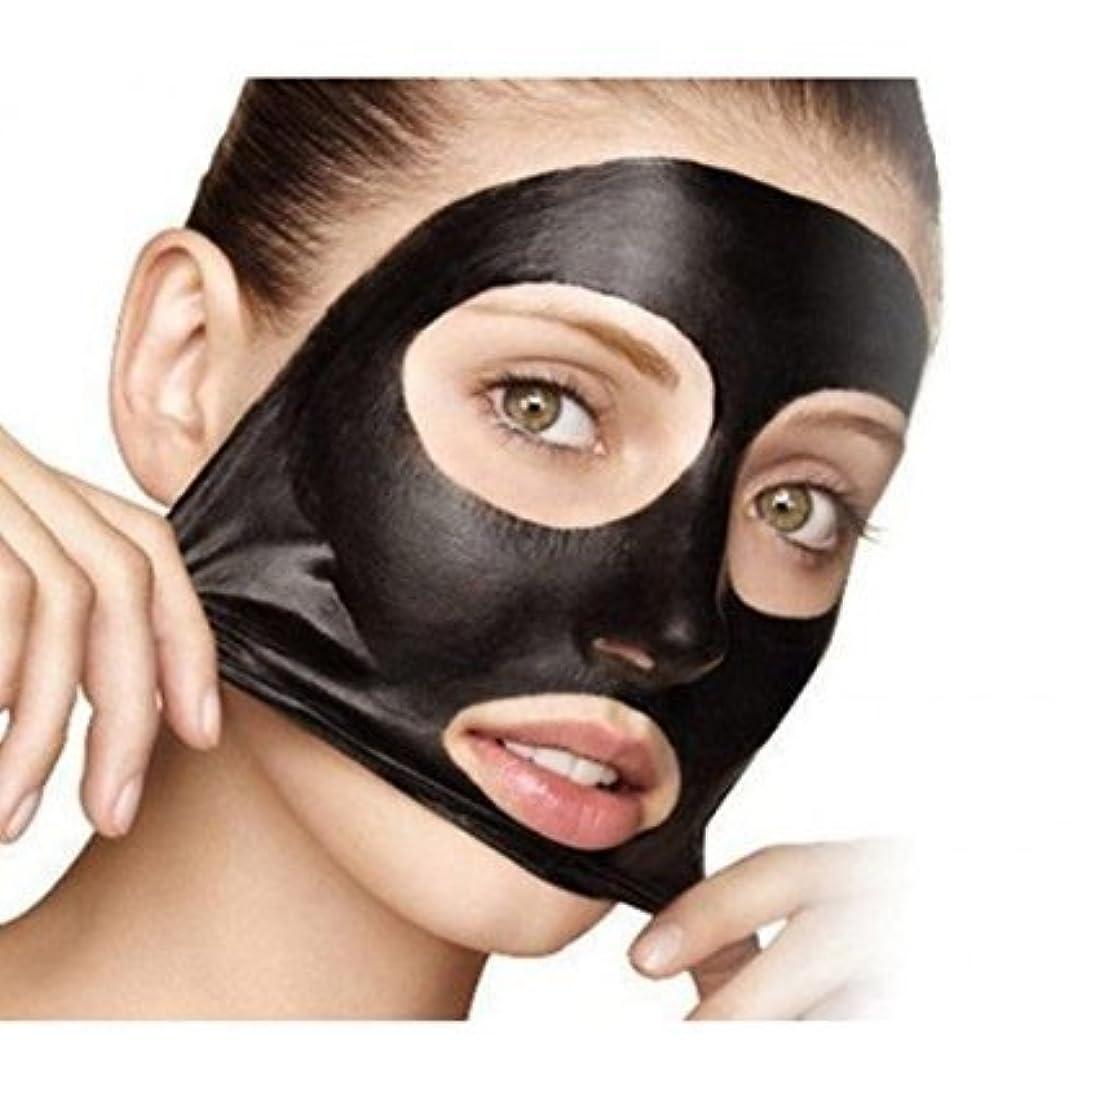 文明化抽出ベアリング5 x Mineral Mud Nose Pore Cleansing Blackhead Removal Cleaner Membranes Mask by Boolavard® TM